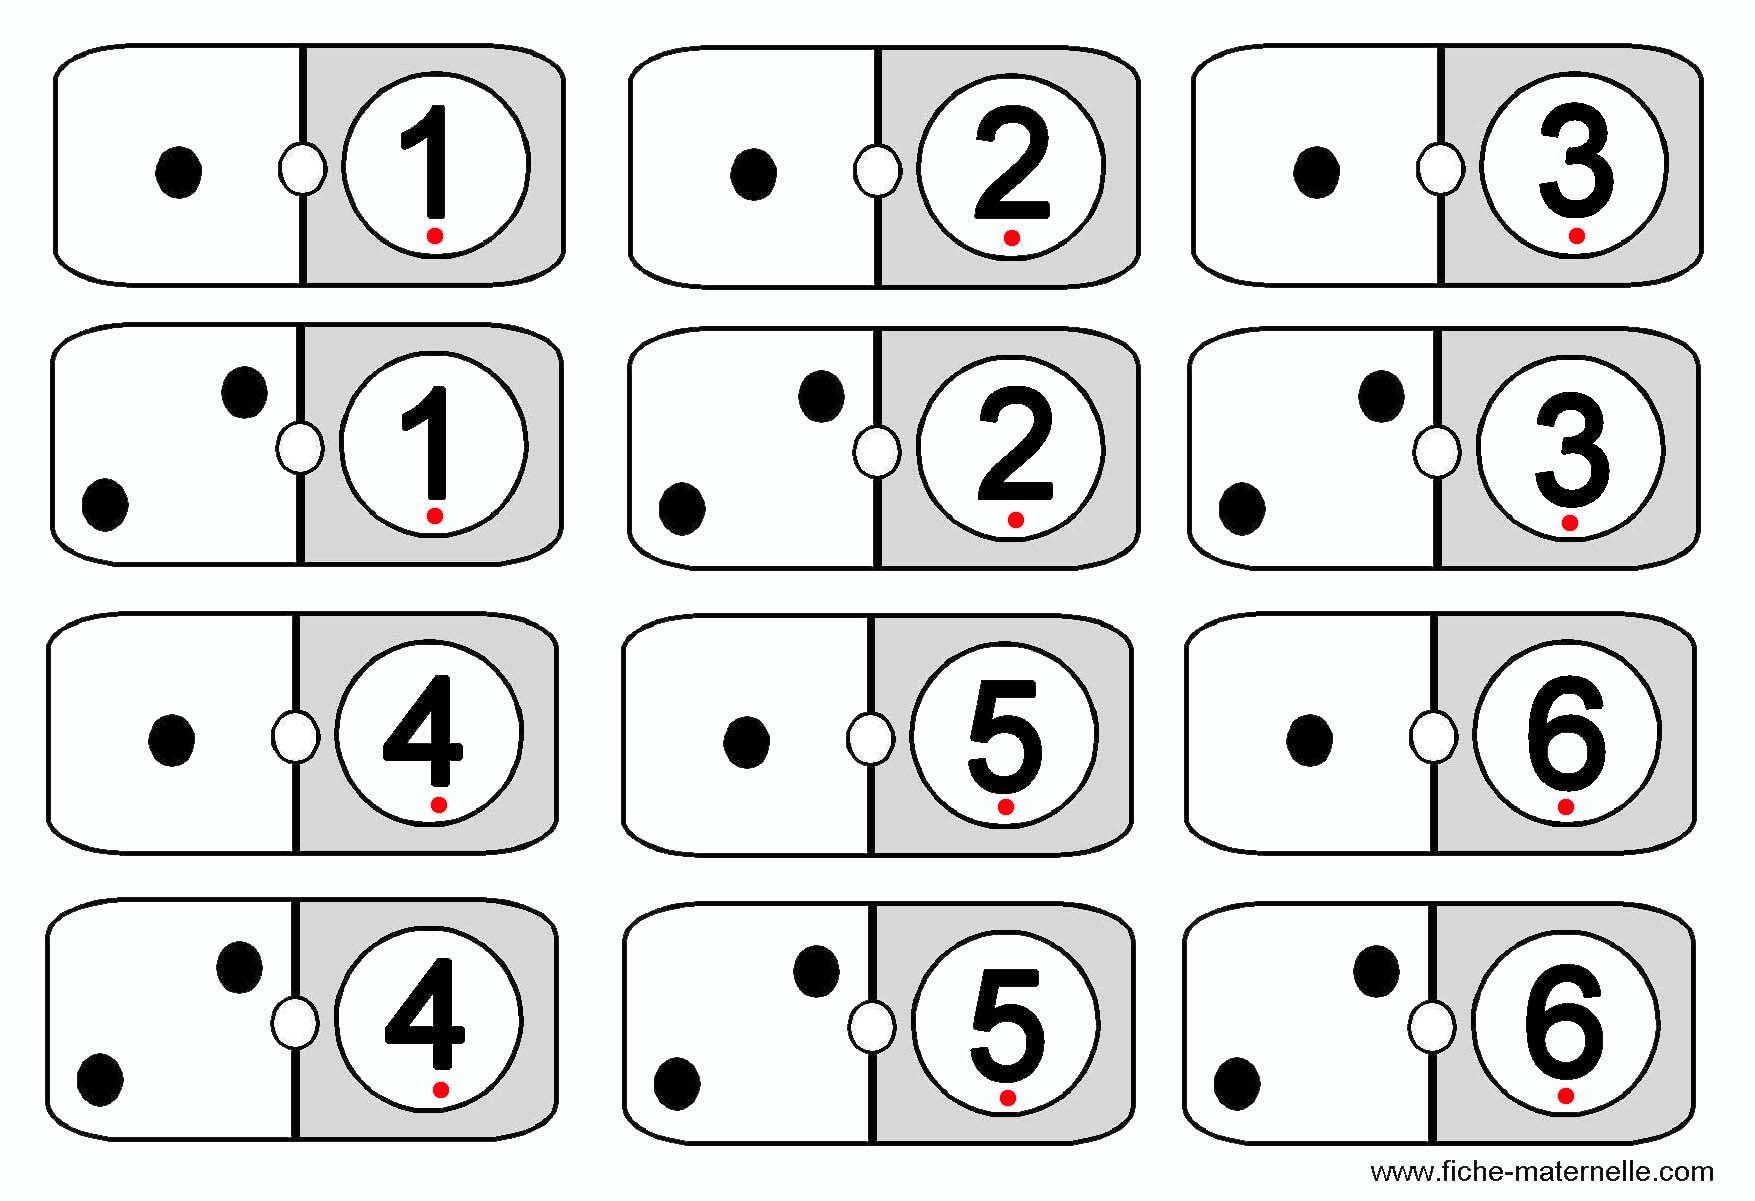 Jeux Mathématiques Pour Apprendre À Compter En Maternelle. encequiconcerne Jeux De Découpage